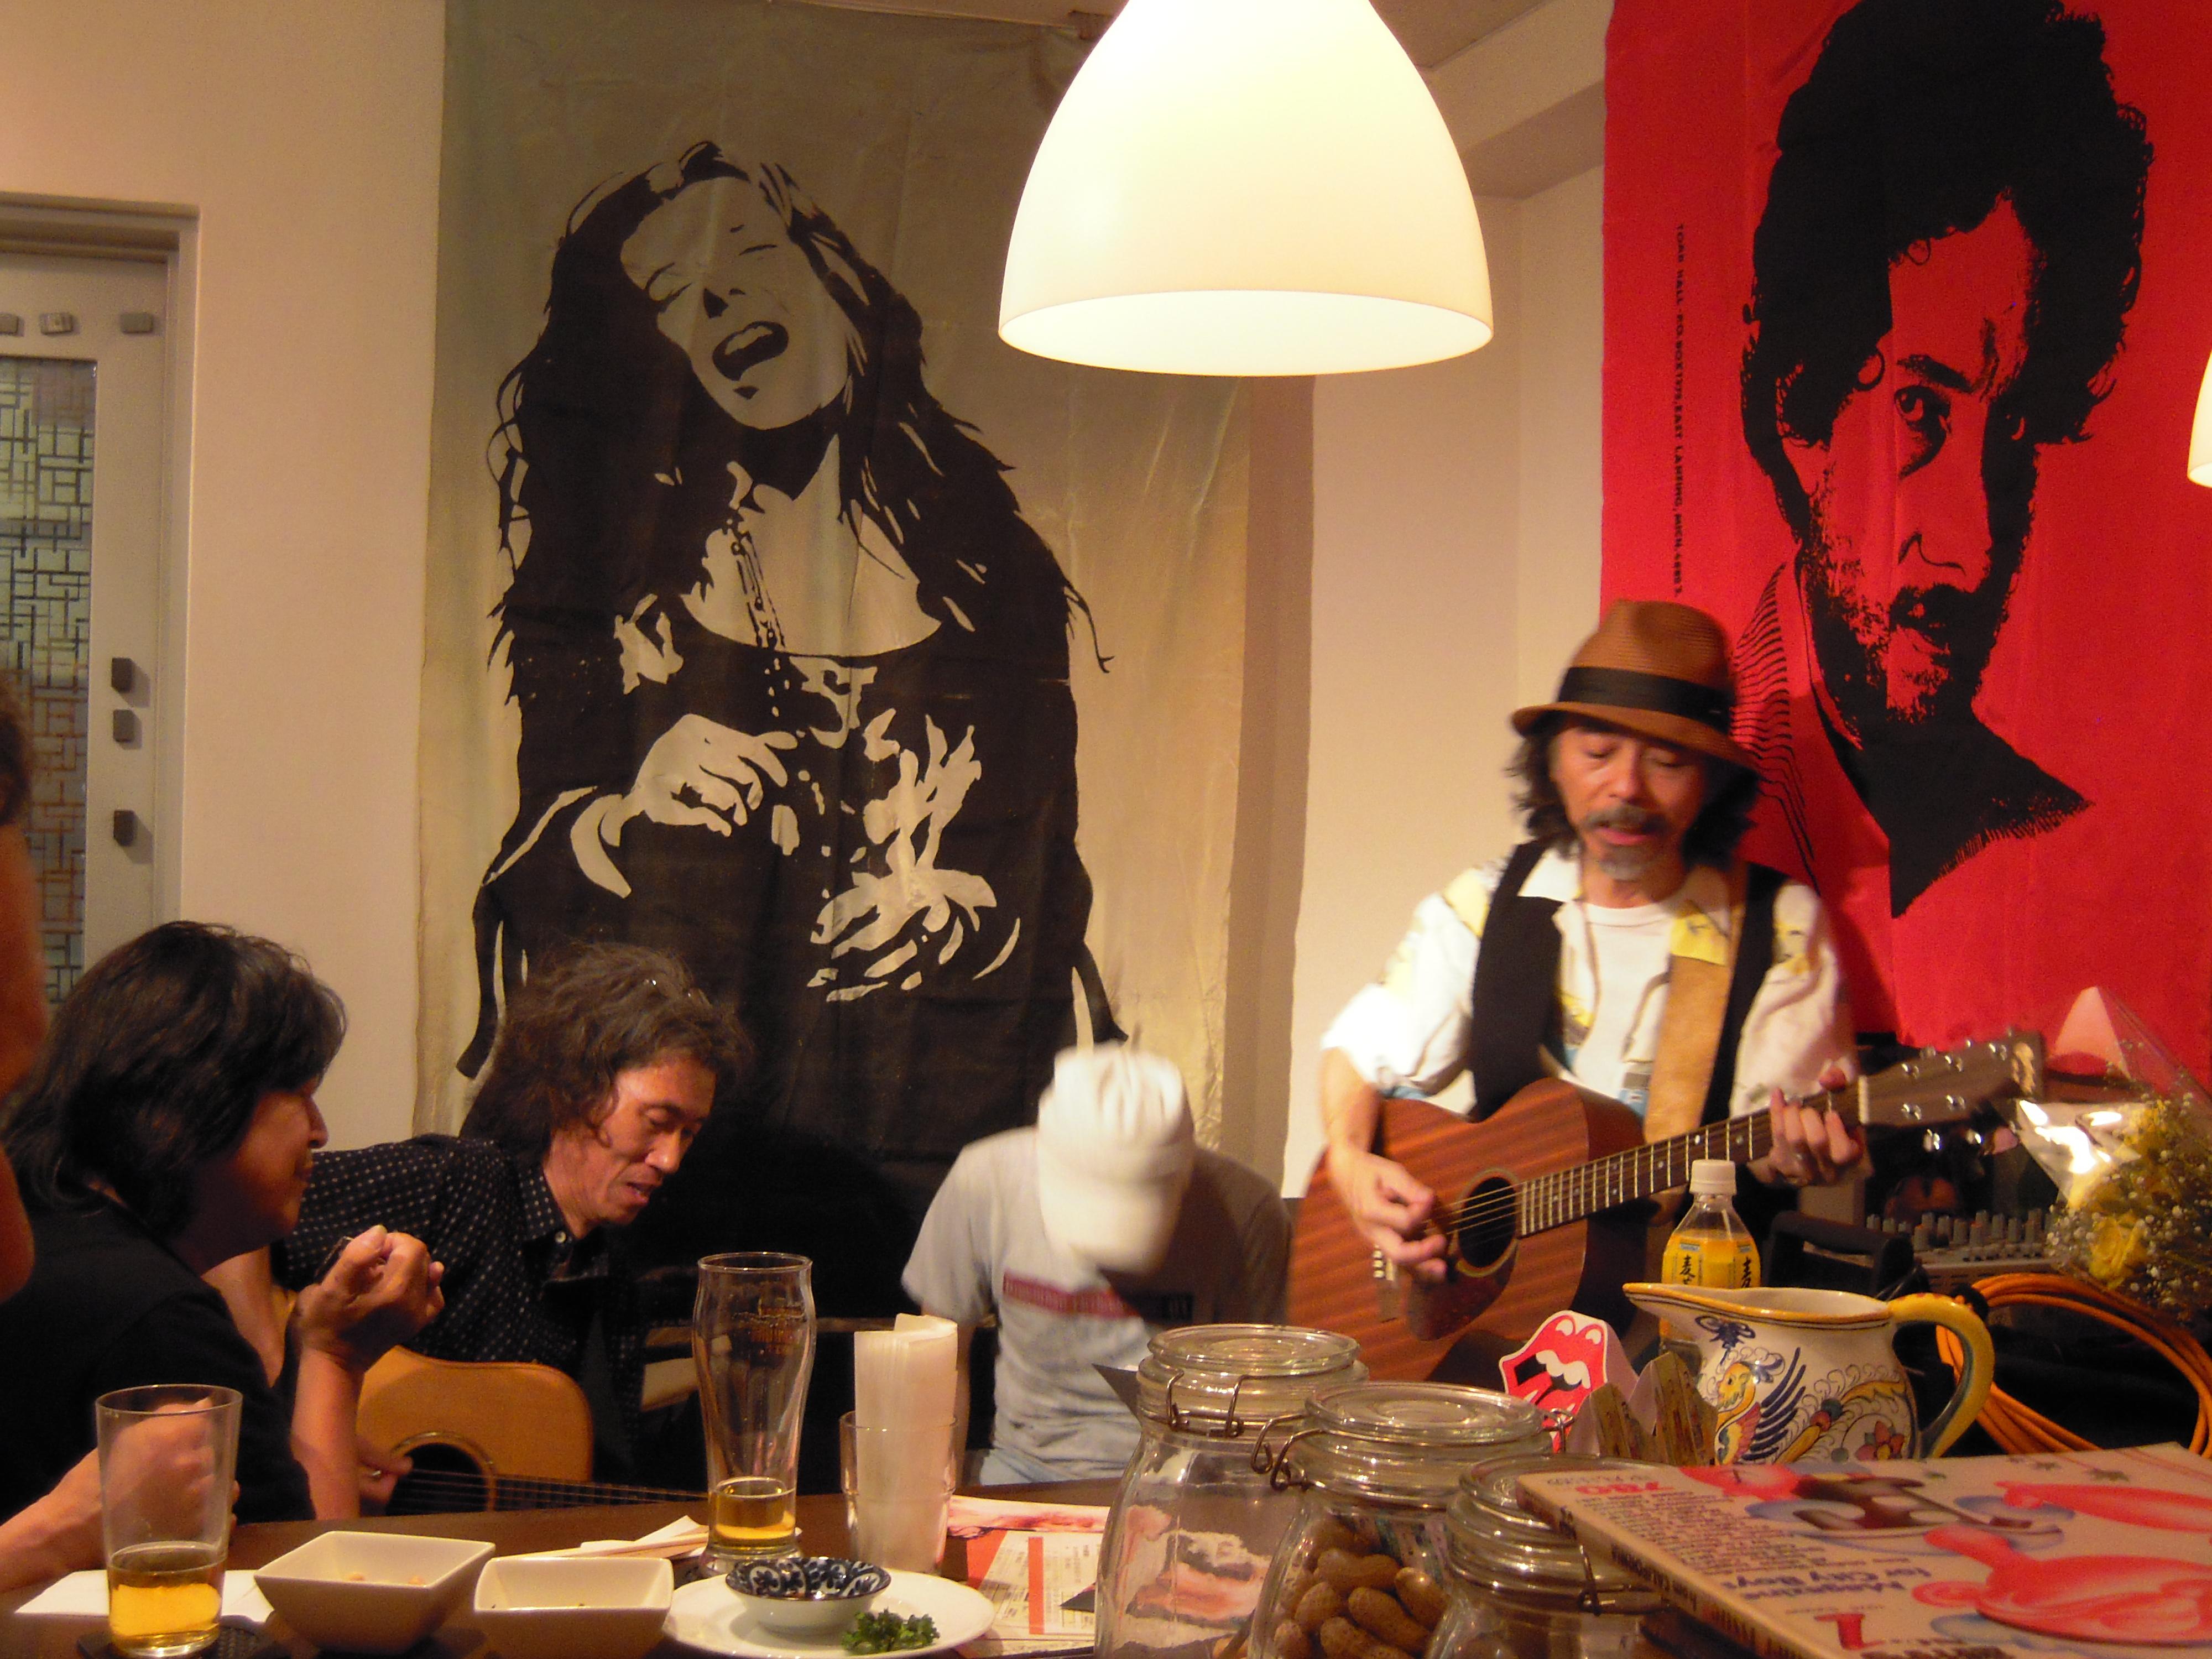 左からブルースハープ・山木康世、ブルースギター・船岡辰哉さん、パーカッション・タヒさん、ギターと歌・岡田信一さん